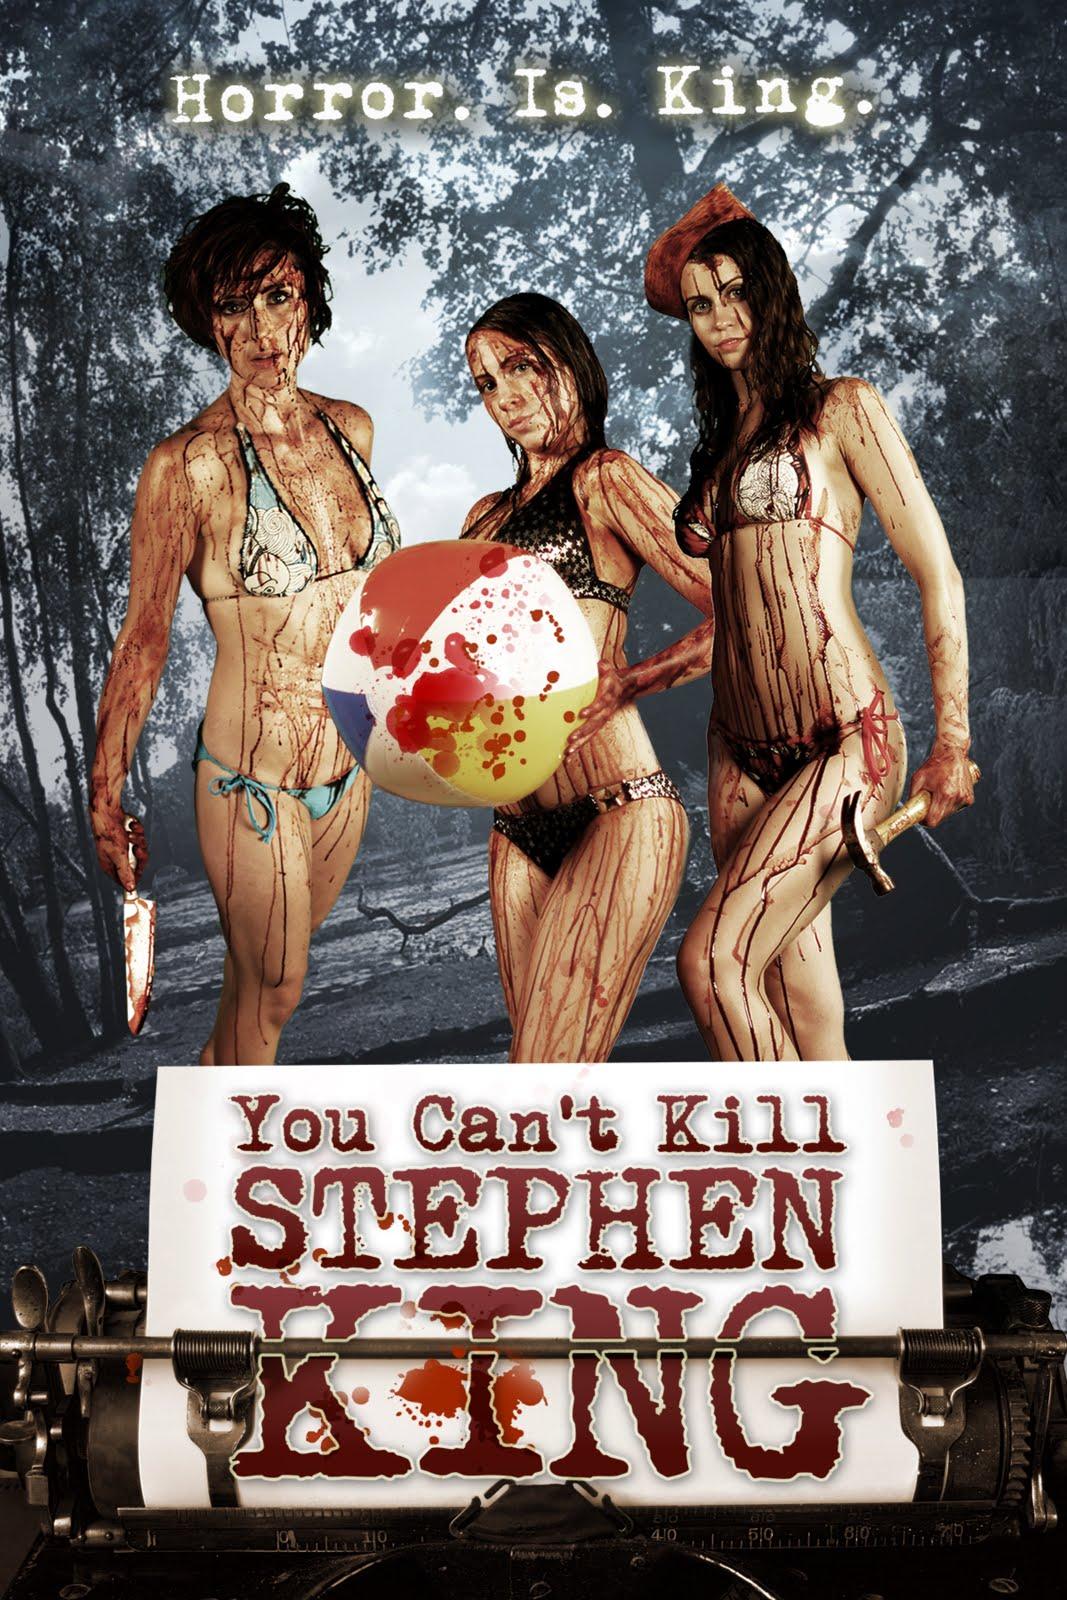 http://4.bp.blogspot.com/-dY4AhmAFRCw/TrMfQE8O8oI/AAAAAAAAAAQ/HXsEP2yy_Z4/s1600/horror.tif